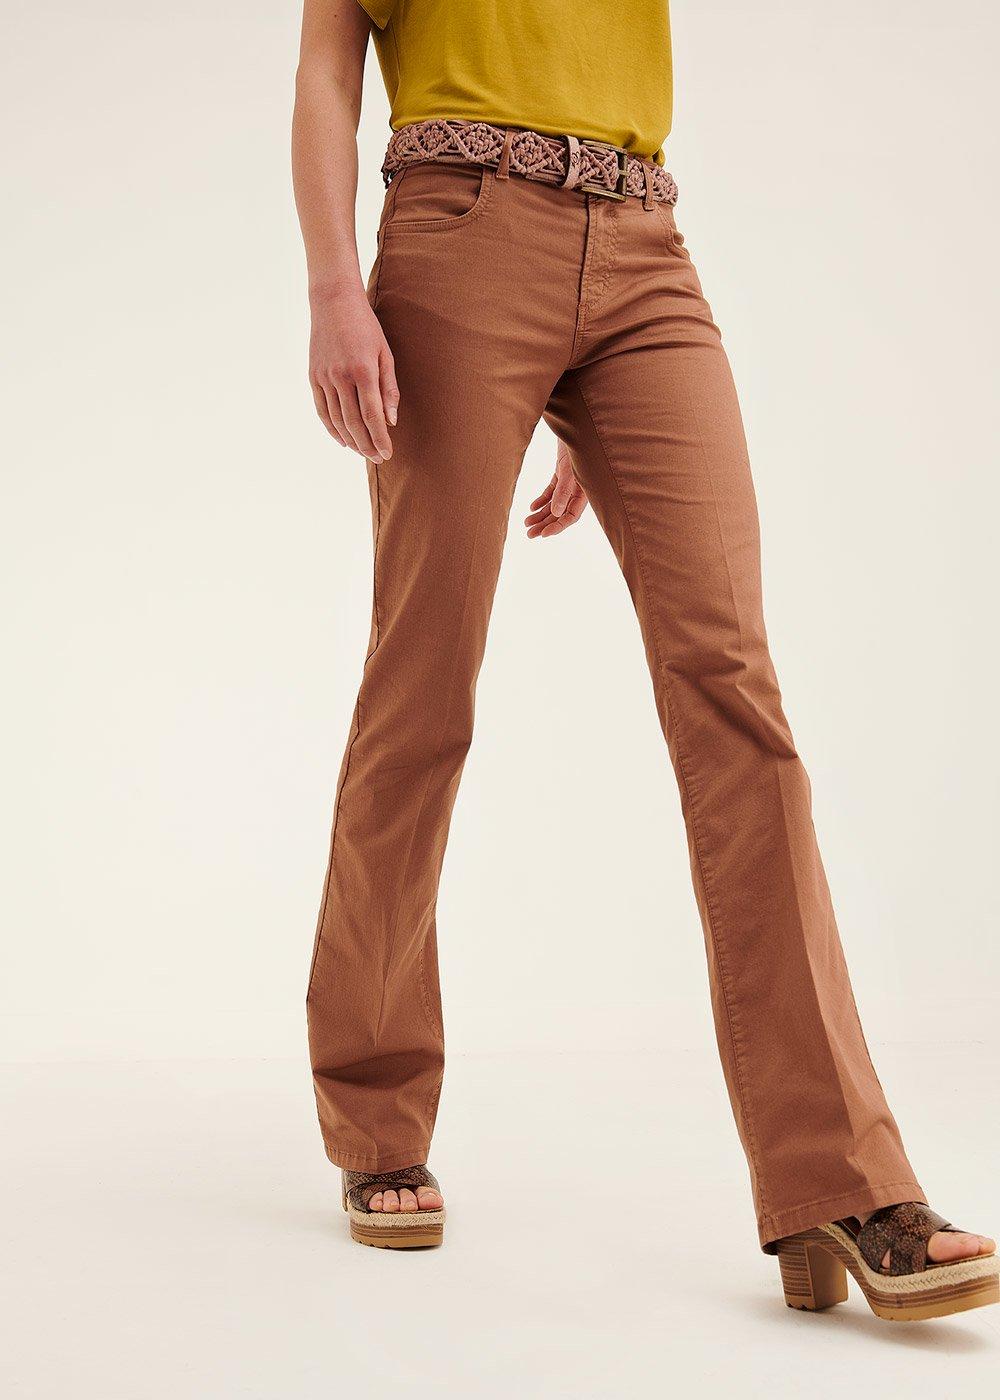 Pantalone modello Cindy modello zampa - Pecan - Donna